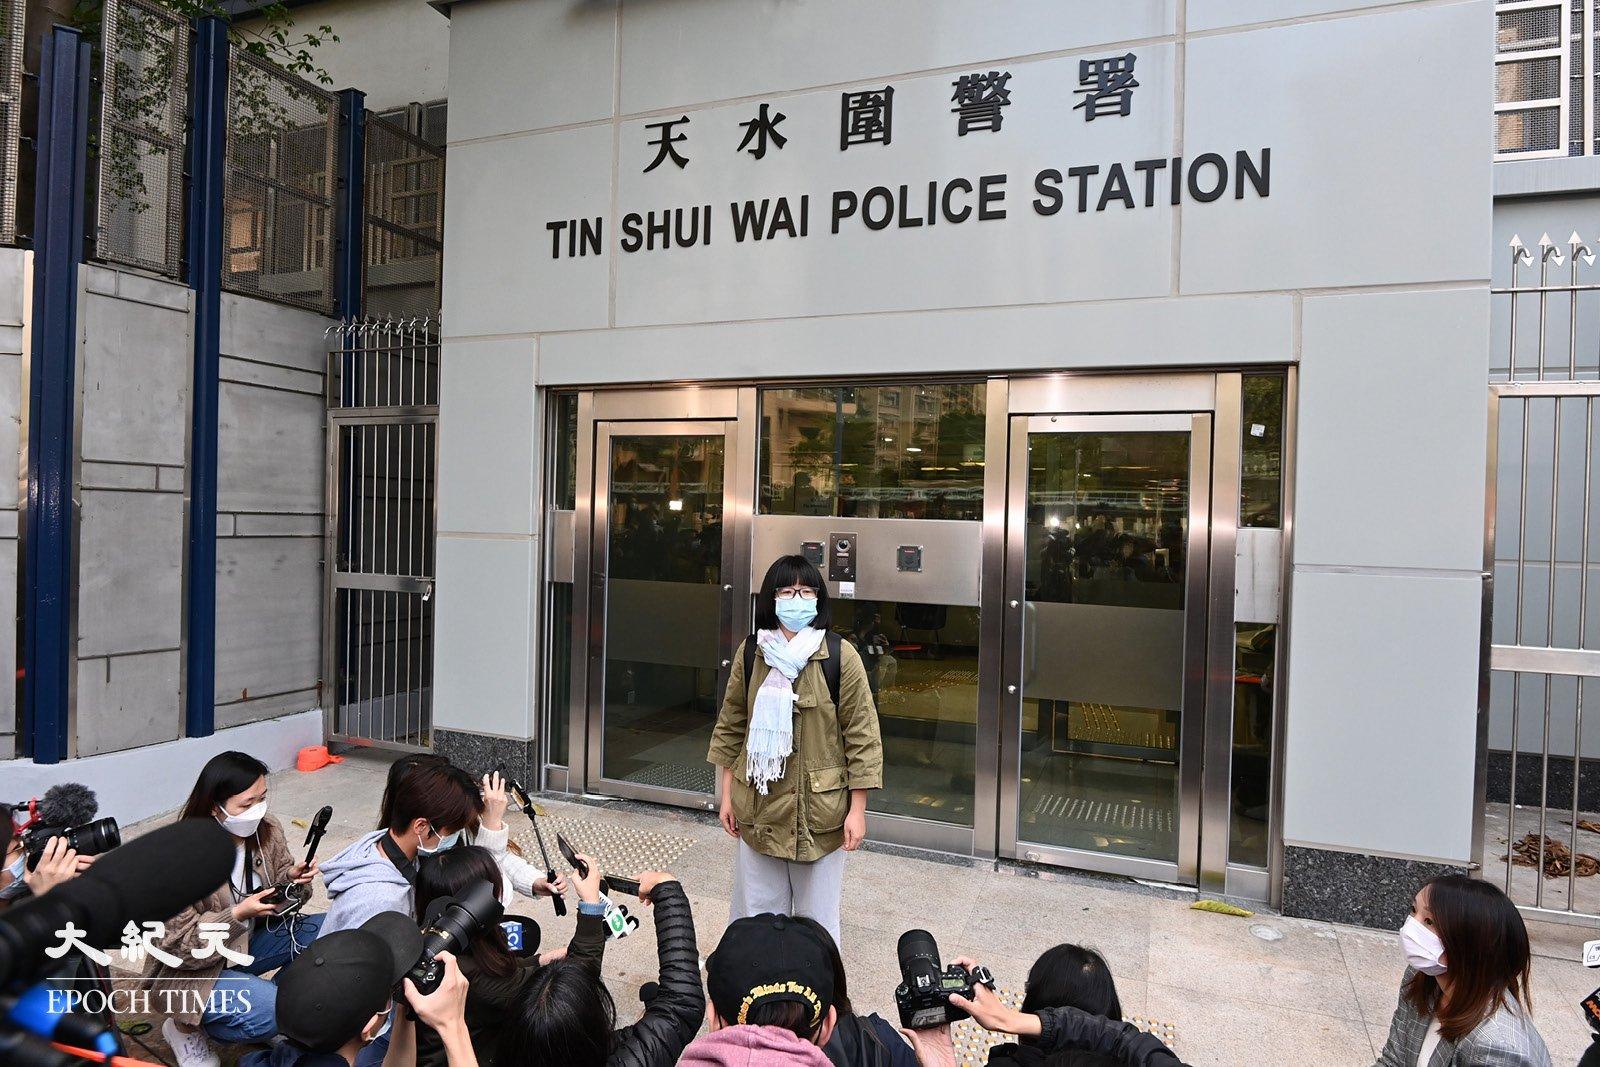 協助12港人家屬的大律師鄒幸彤3月22日晚上6時在天水圍警署外會見傳媒。(宋碧龍/大紀元)